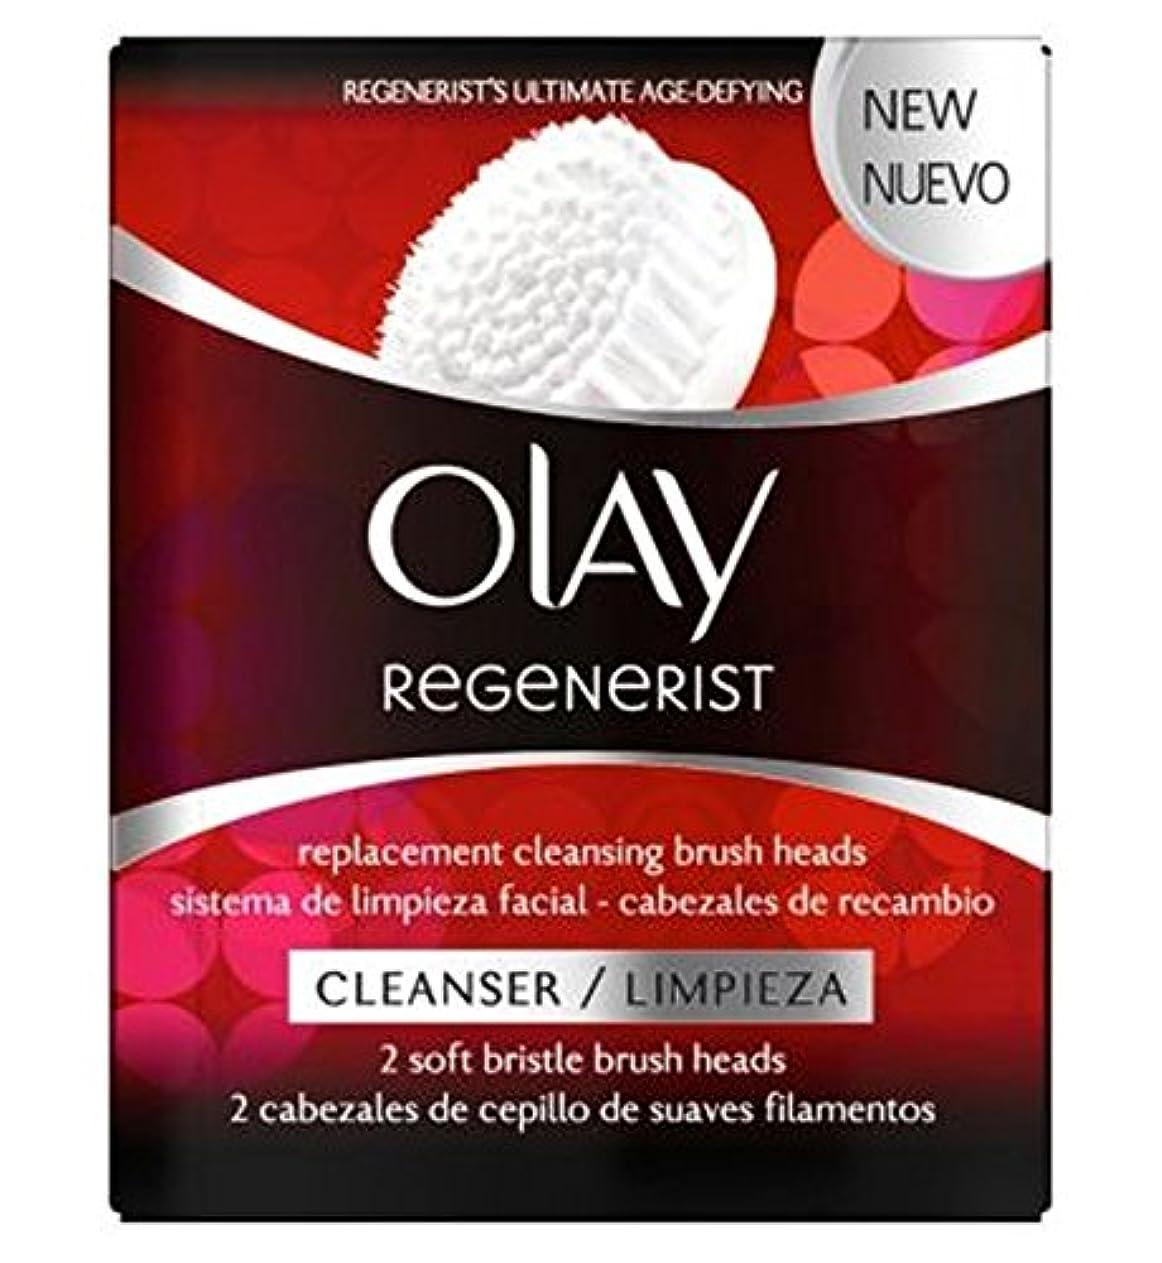 むしゃむしゃダルセットセラフOlay Regenerist 2 Replacement Cleansing Brush Heads - オーレイリジェネ2交換用クレンジングブラシヘッド (Olay) [並行輸入品]